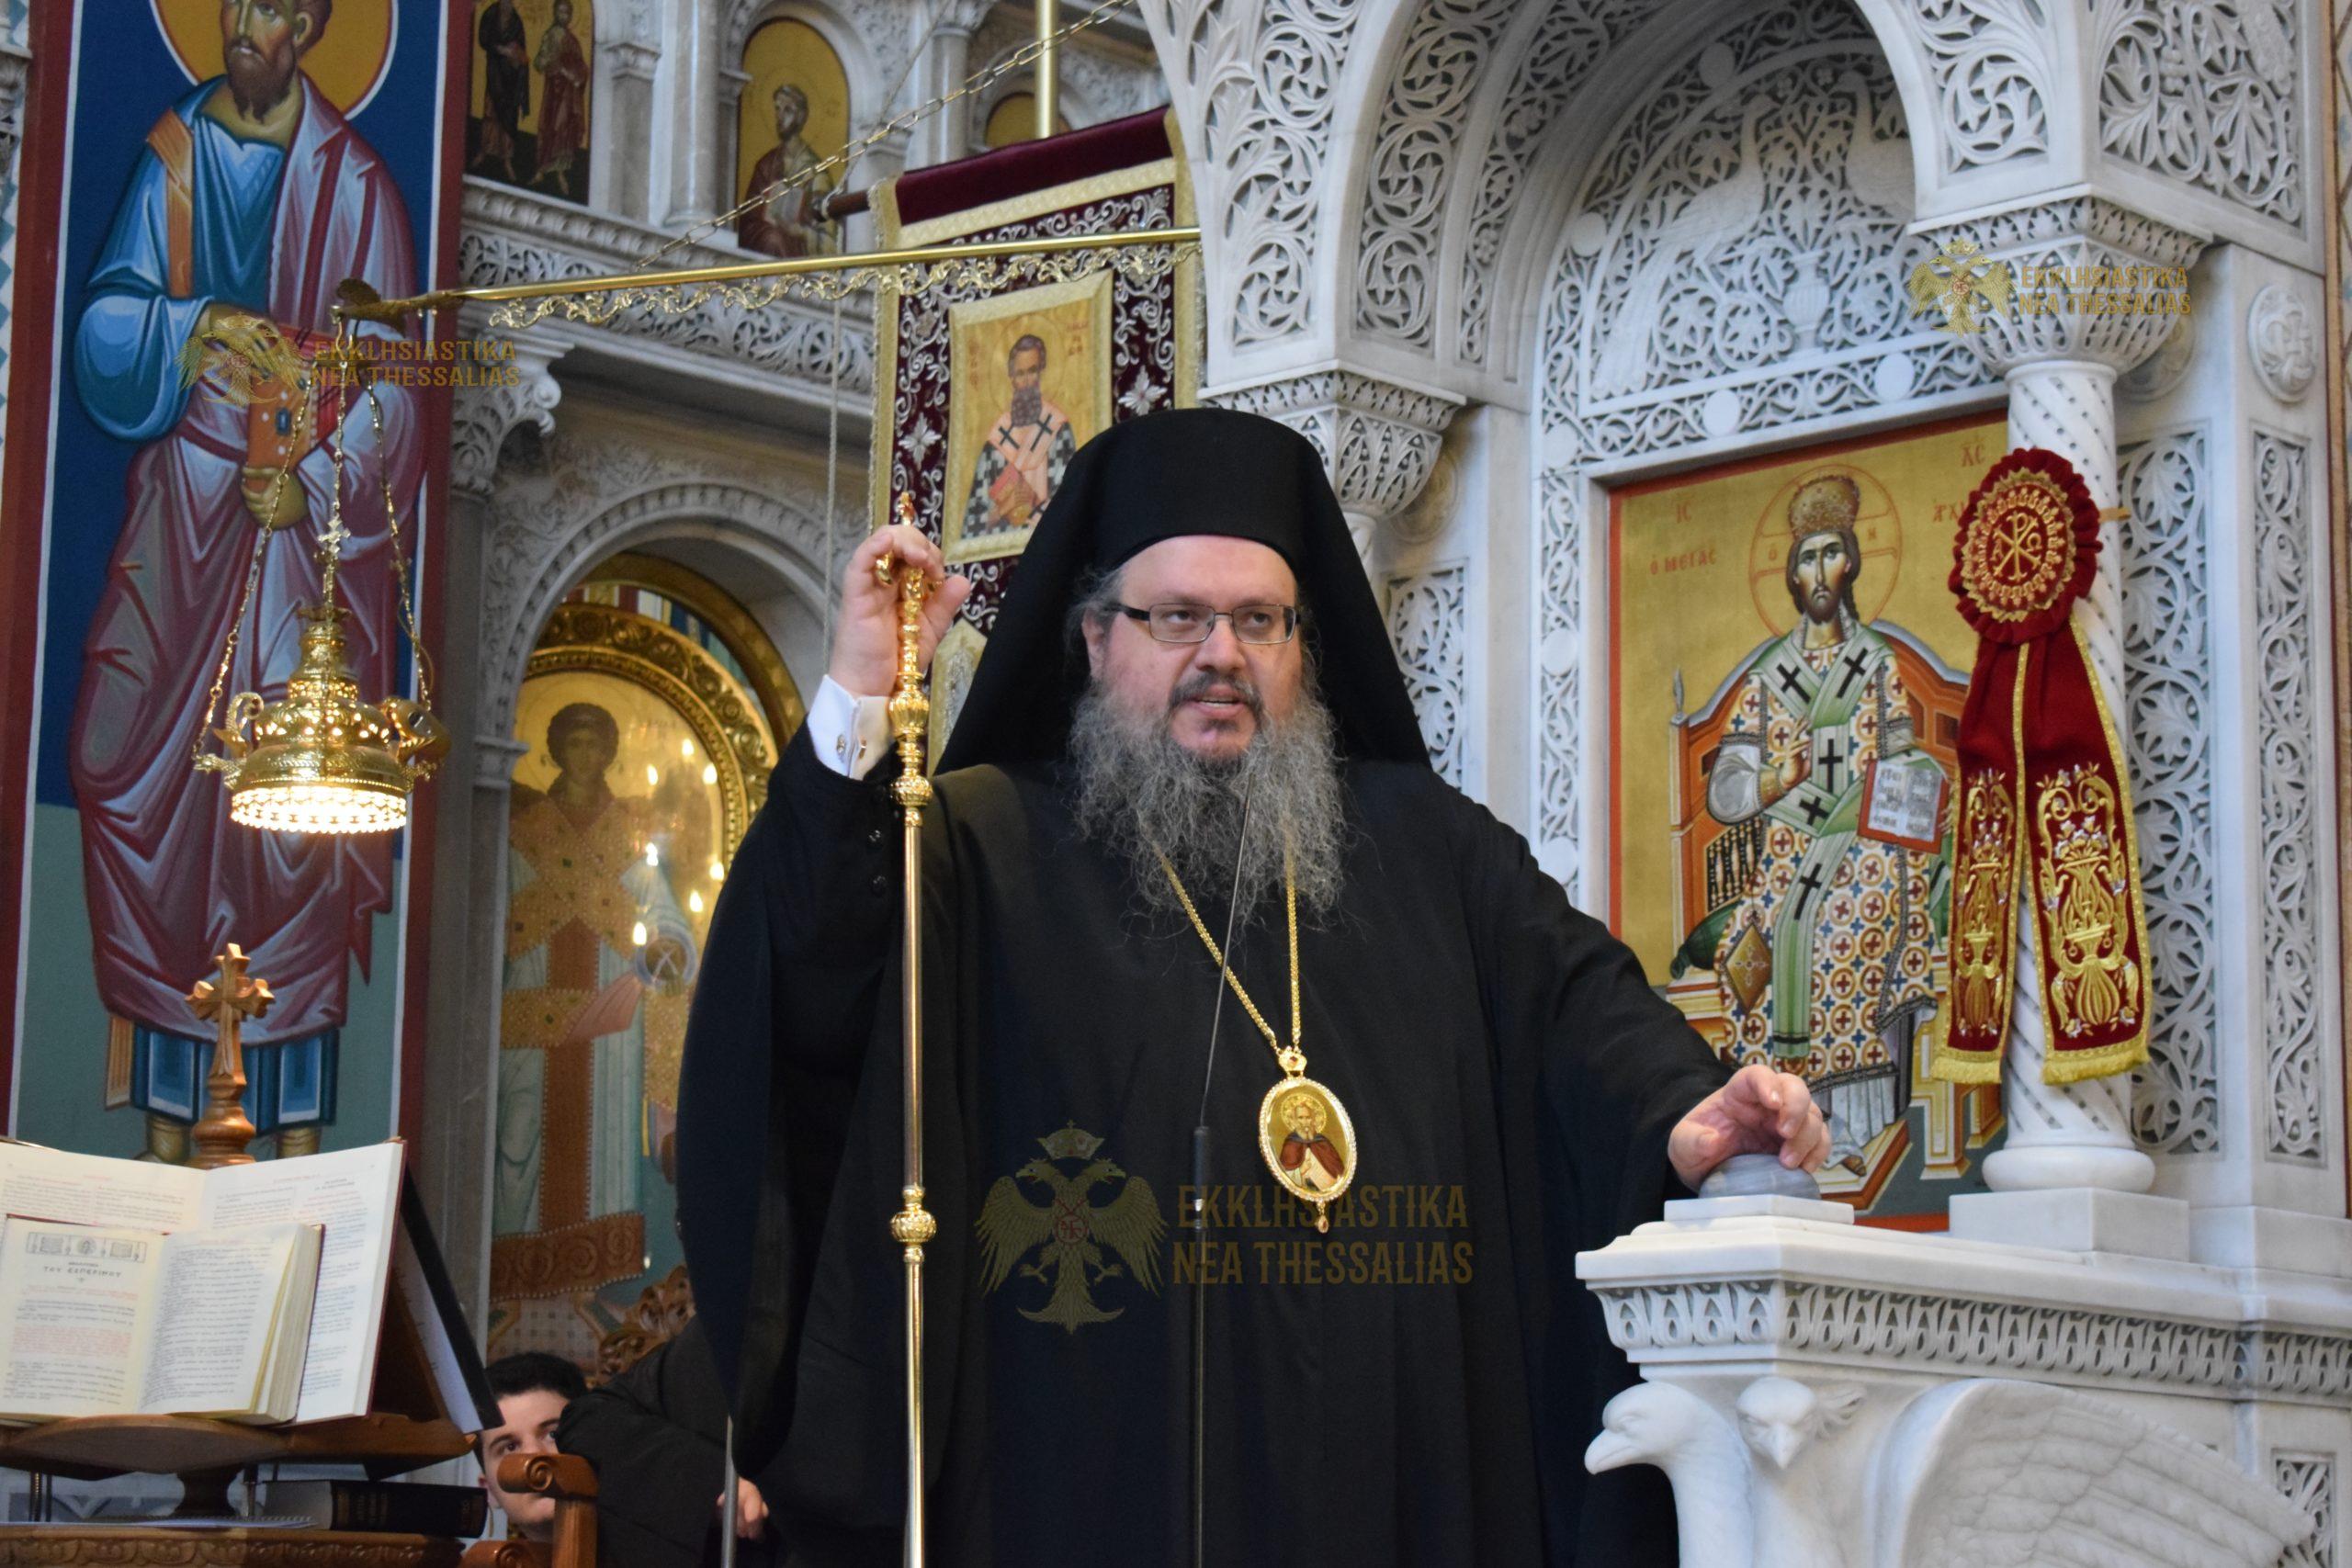 """Λαρίσης Ιερώνυμος: Δεν θα αφήσω κανέναν να αντιμετωπίζει τον χώρο της εκκλησίας ως αντικείμενο προς εκμετάλλευση"""""""